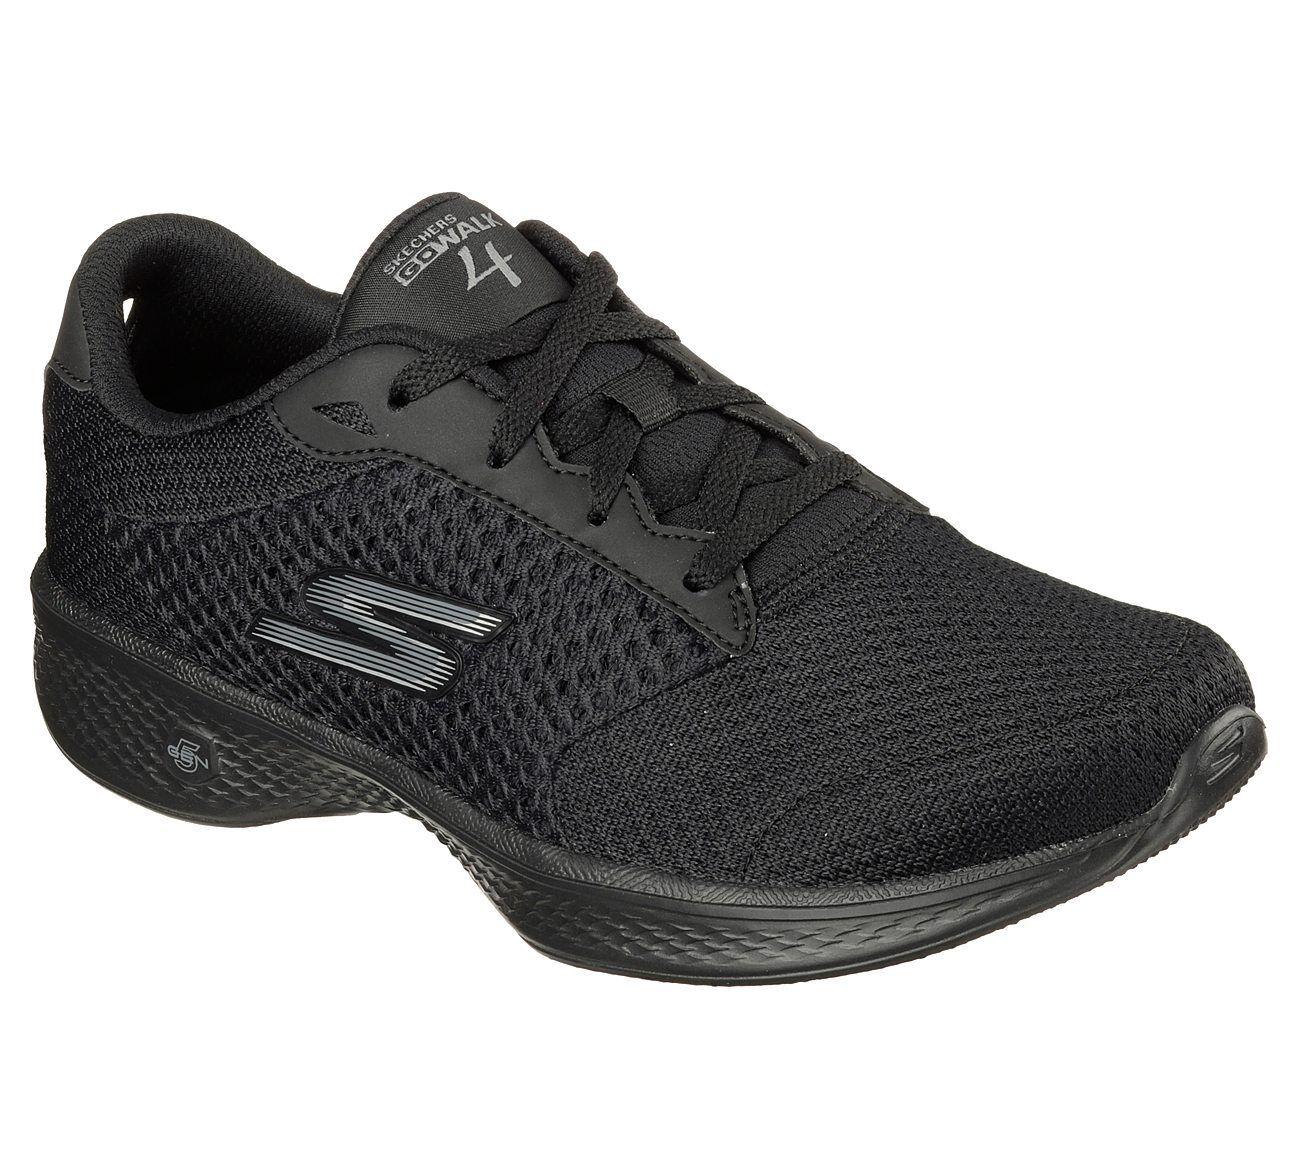 New Womens Skechers GoWalk 4 Black Exceed Shoe Style 14146 Black 4 81K dr 0ccfa9